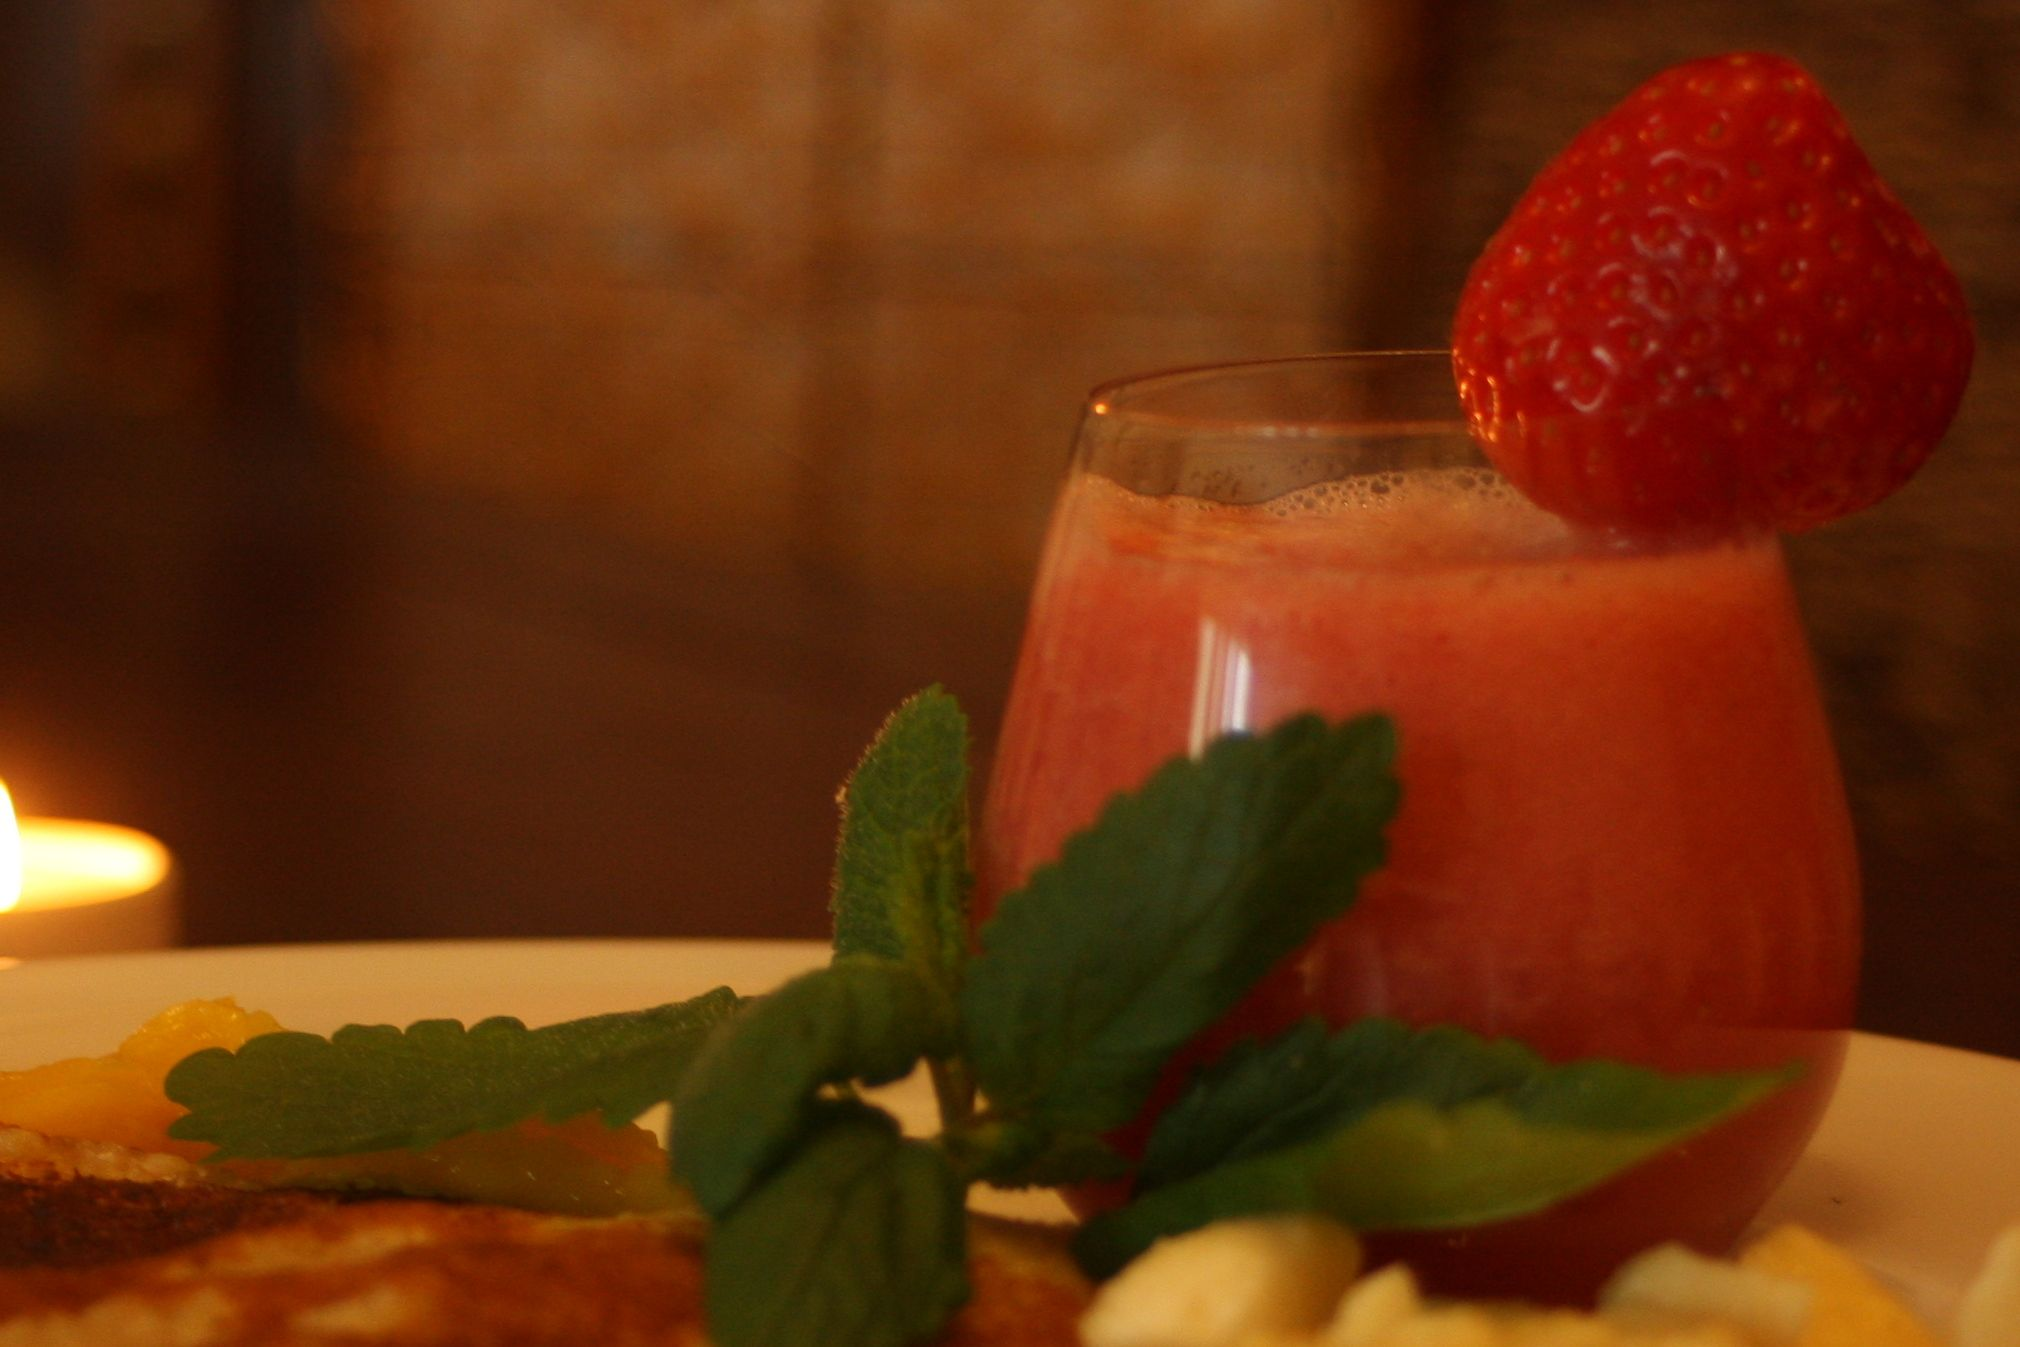 Guten Morgen, der neue Tag wartet schon. Versüßt ihn Euch und Eurer Familie mit dem folgenden leckeren Drink.